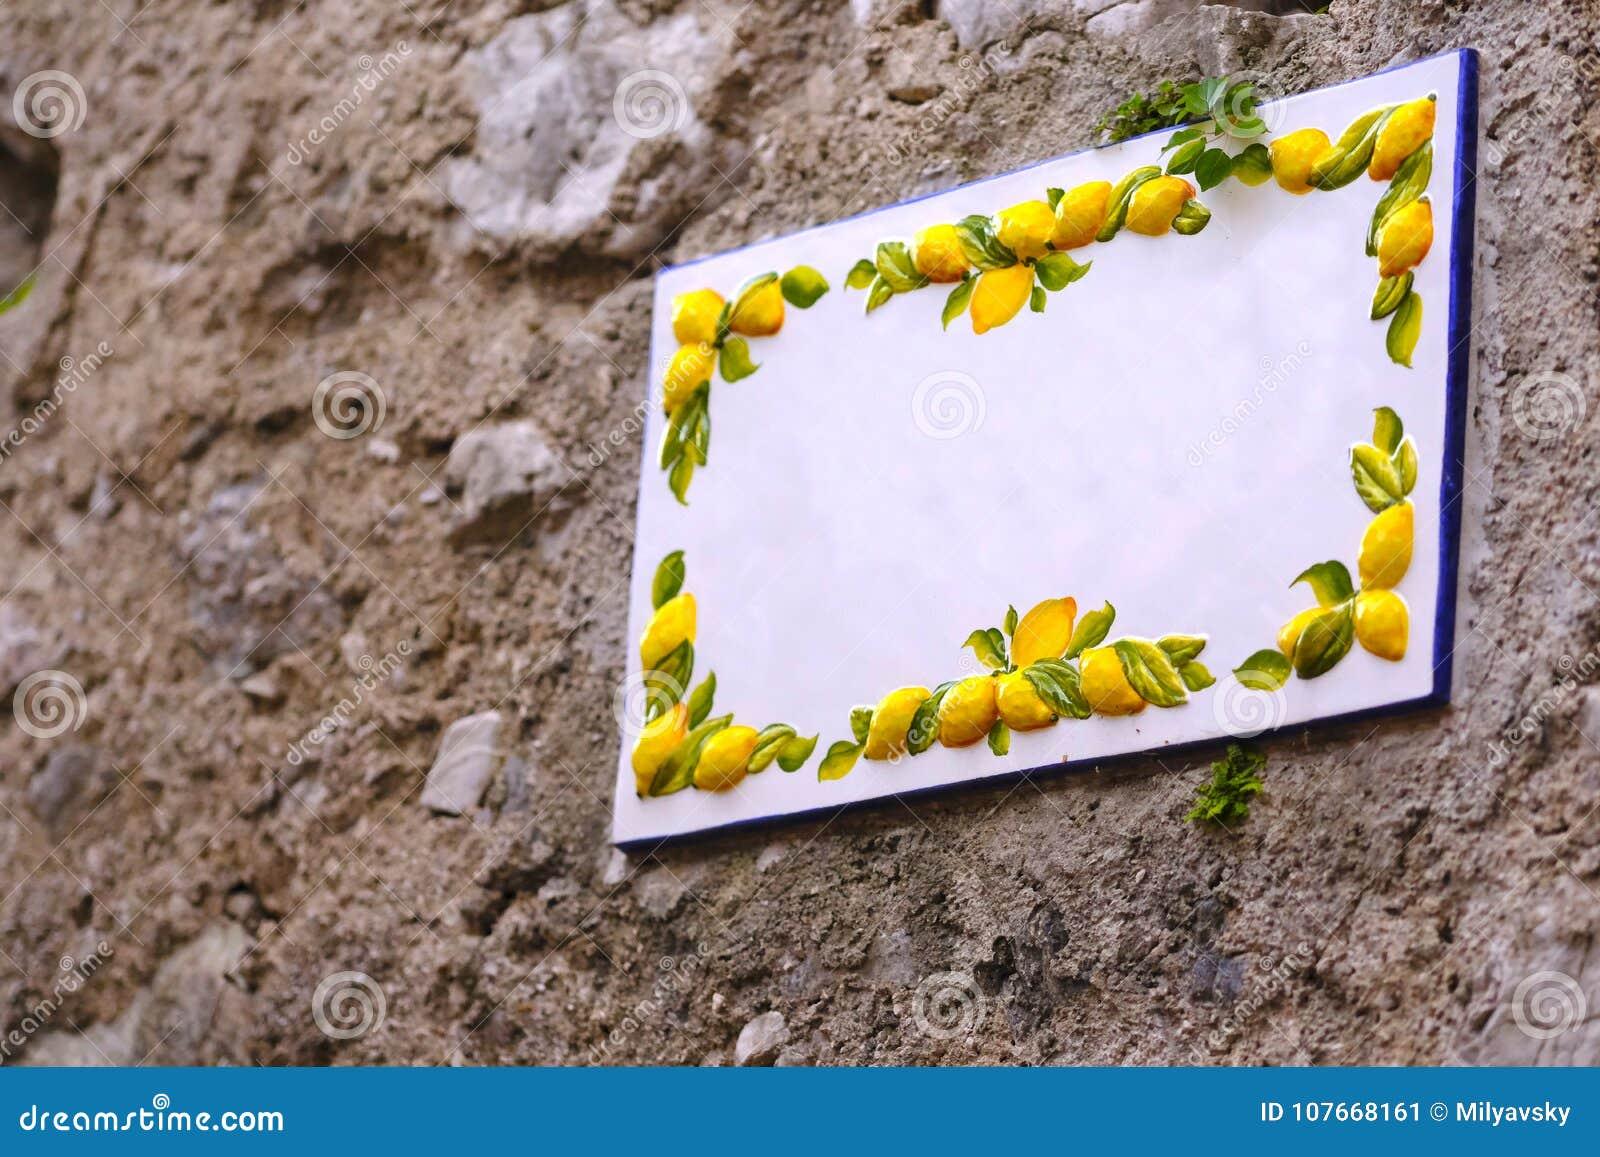 Пустая керамическая плита, лимоны